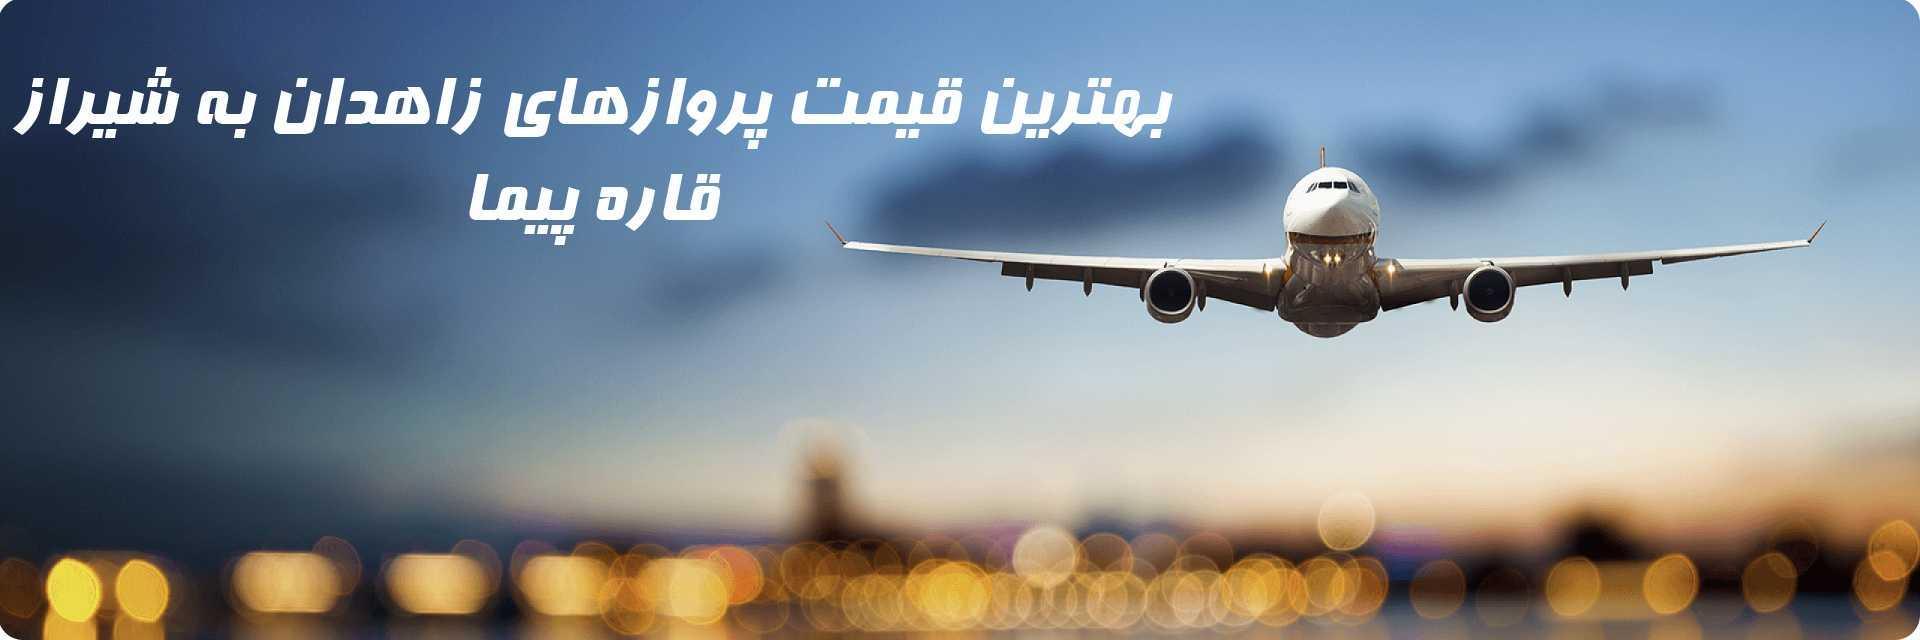 ارزانترین قیمت بلیط هواپیما زاهدان شیراز زاهدان چارتری